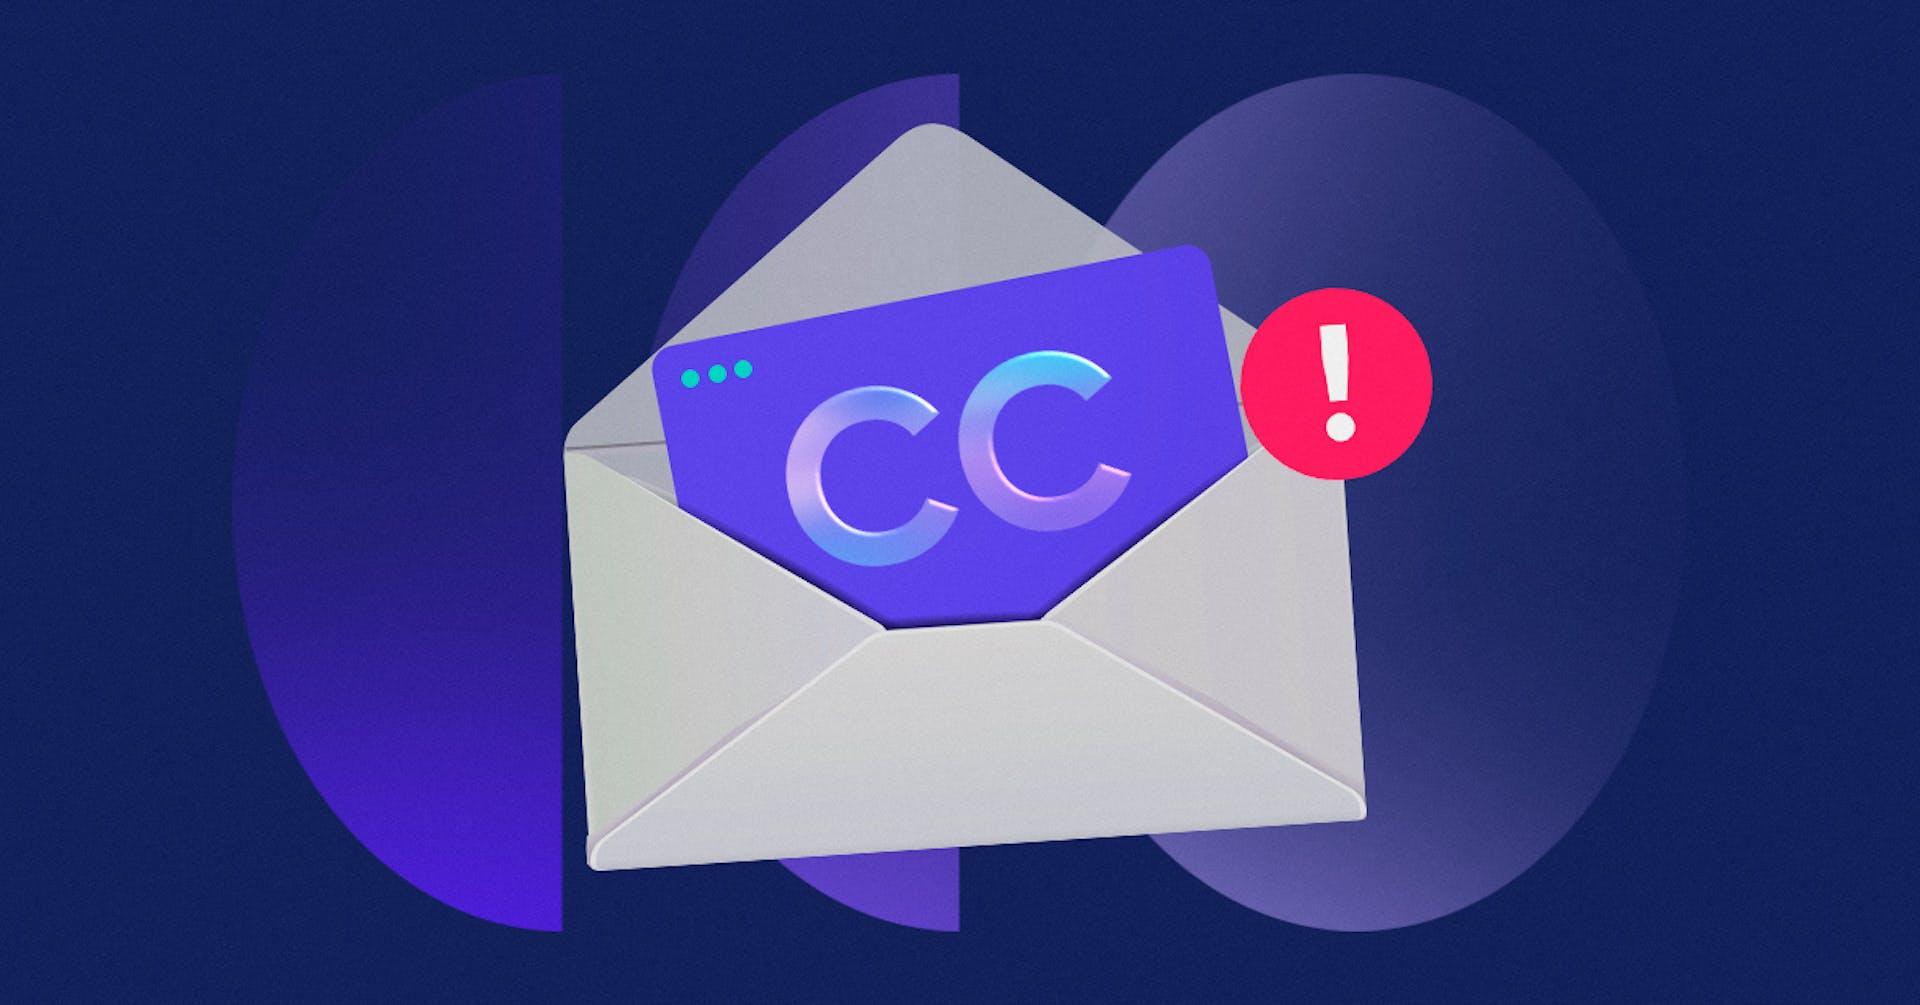 ¡Sácale provecho a tu email! Descubre qué significa CC y CCO en un correo